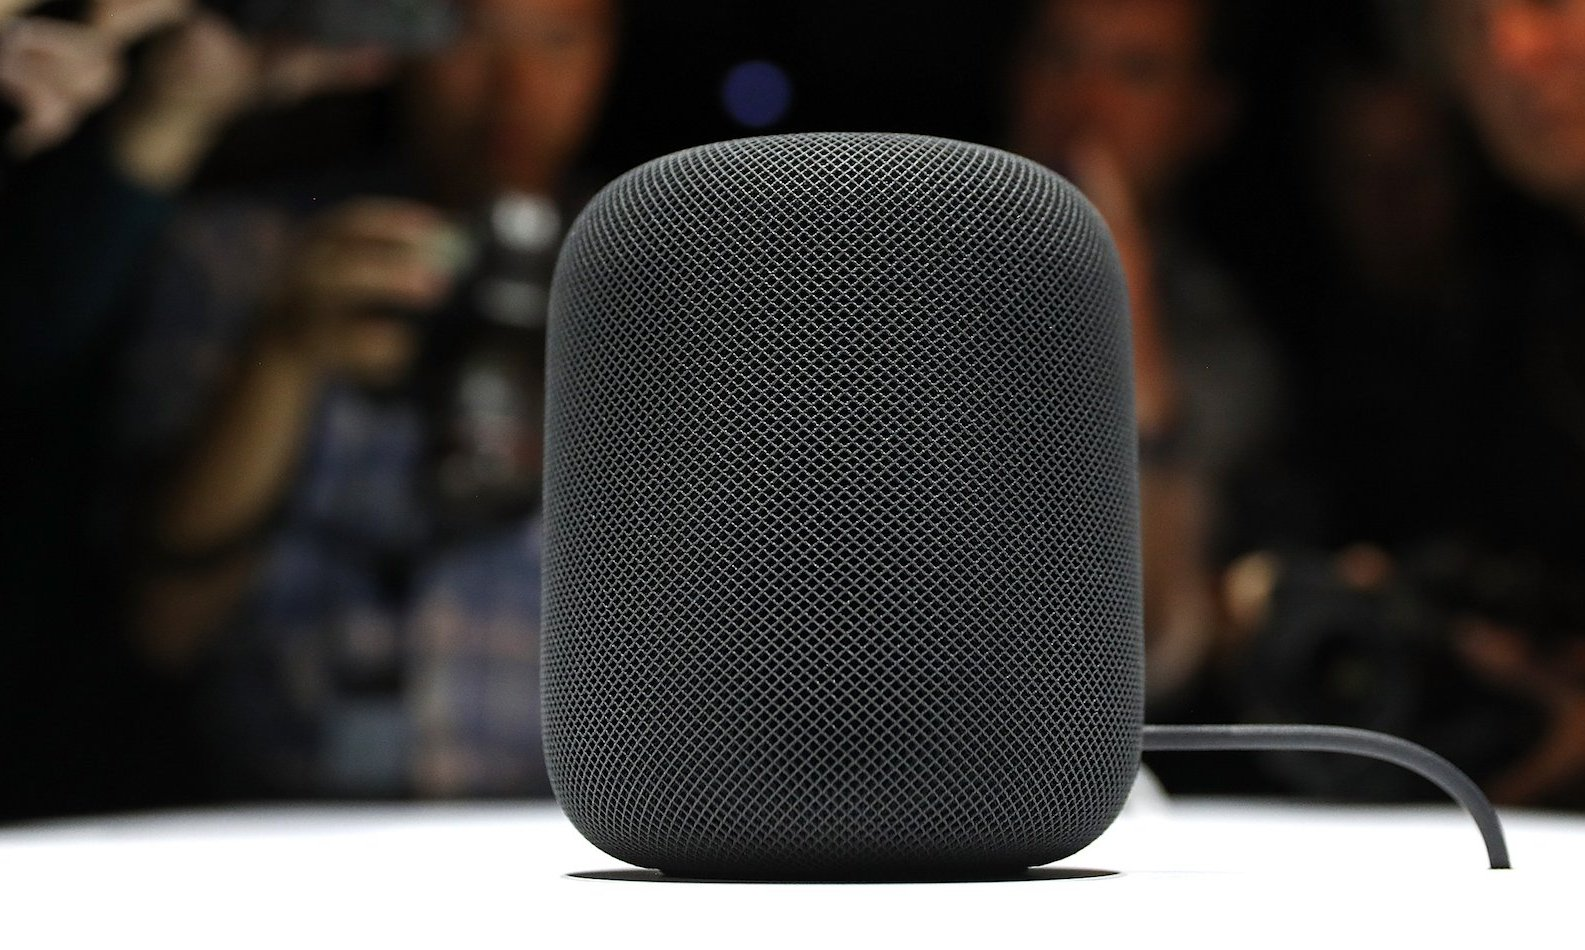 苹果要做大屏智能音箱,能听歌还能看电视!但恐怕不便宜